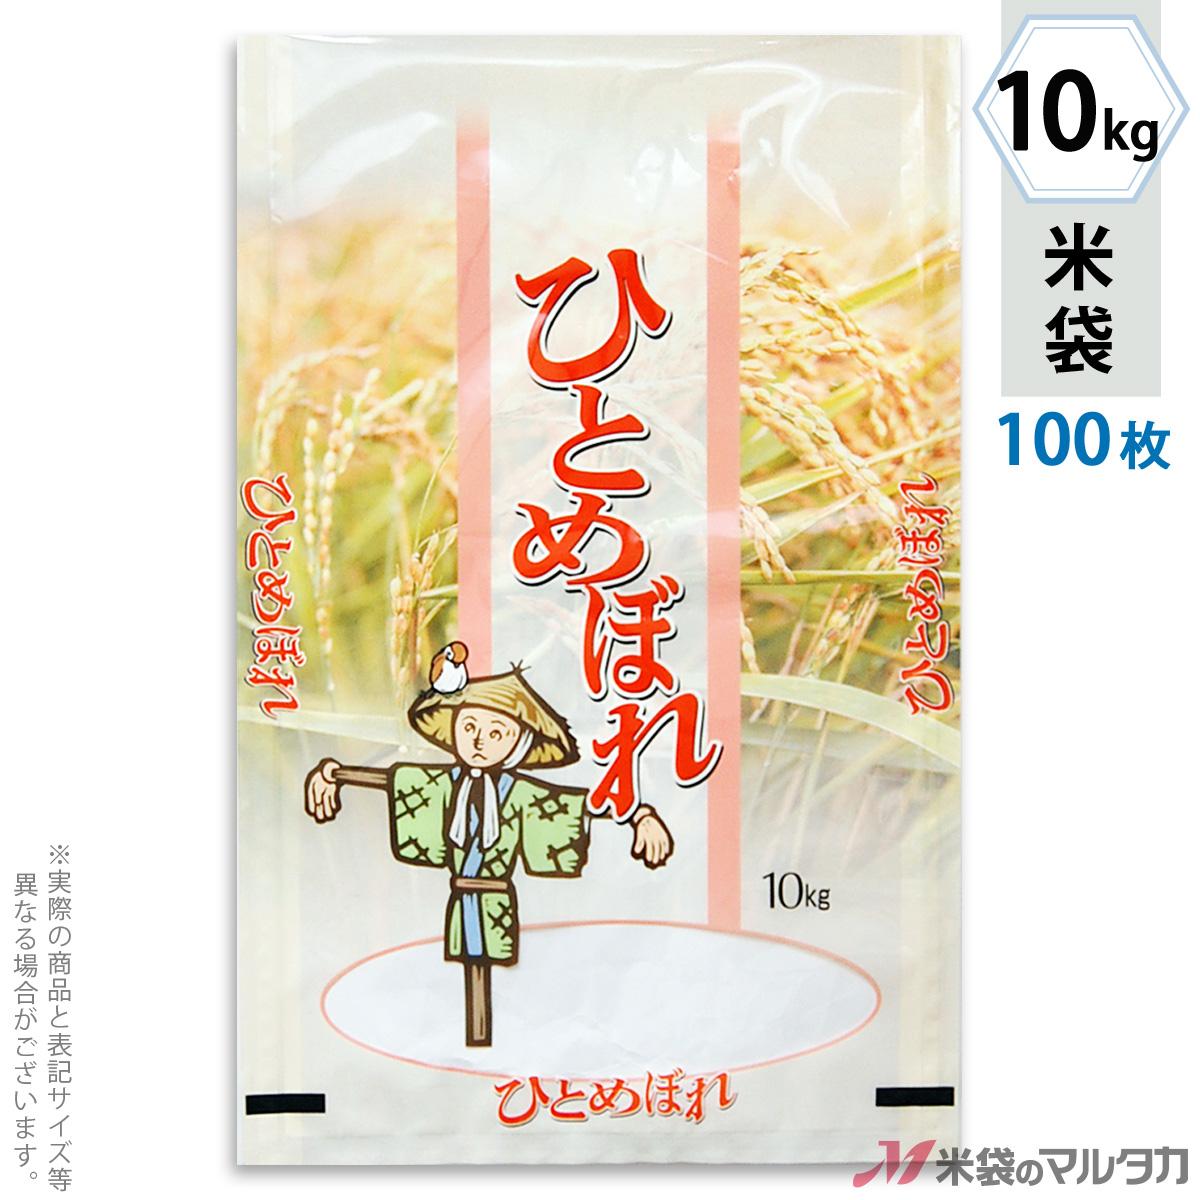 米袋 ラミ フレブレス ひとめぼれ 黄金穂 10kg 100枚セット MN-7600